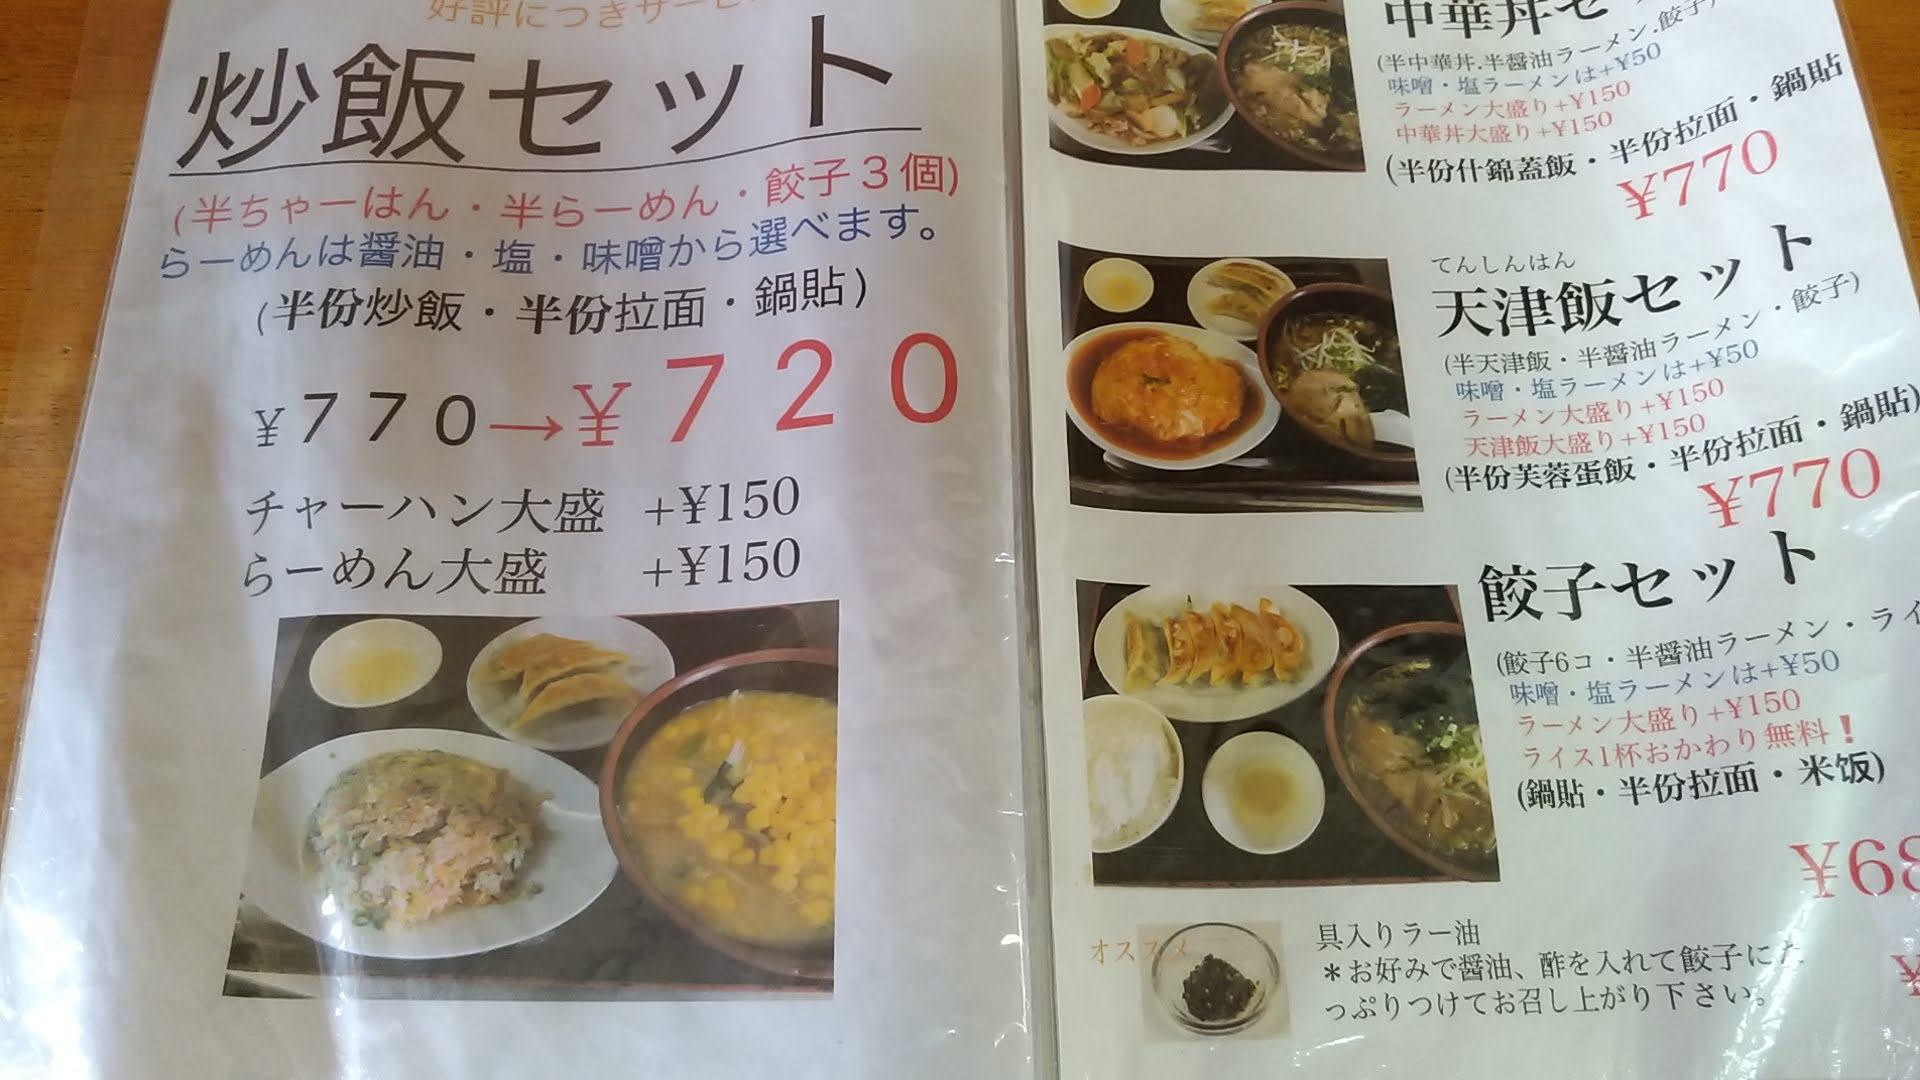 麺作のメニュー 2